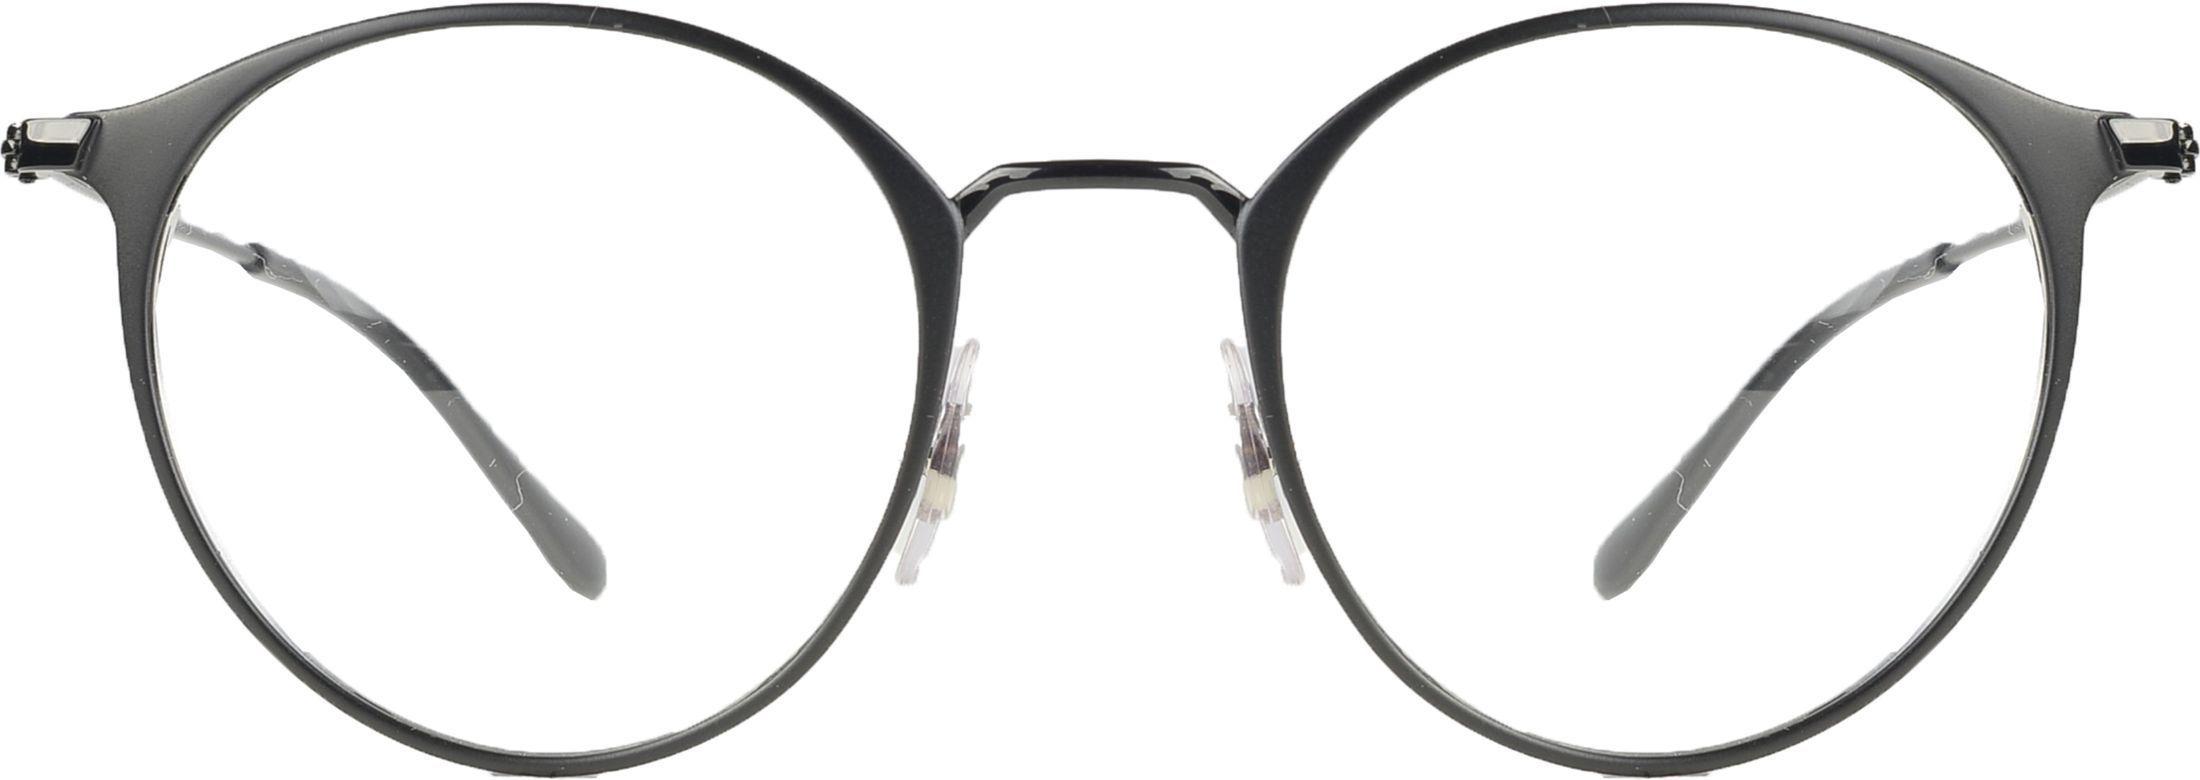 cd9c4b71721 Ray-Ban rb6378 eyeglasses